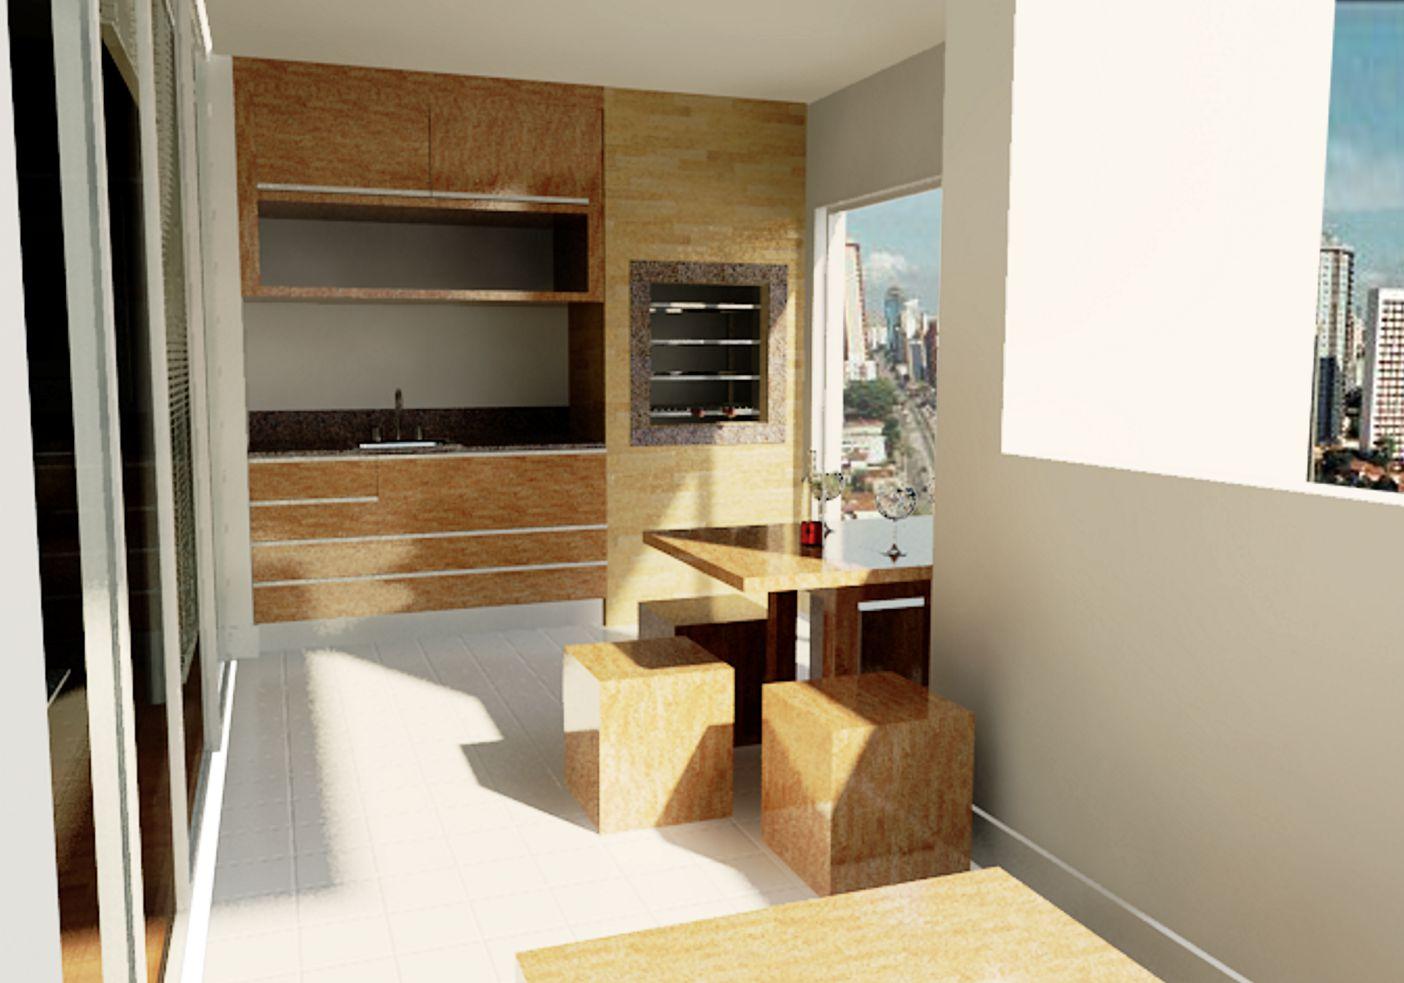 Luiz Henrique Arquitetura: Apartamento arejado com reaproveitamento de  #6B4825 1404 983